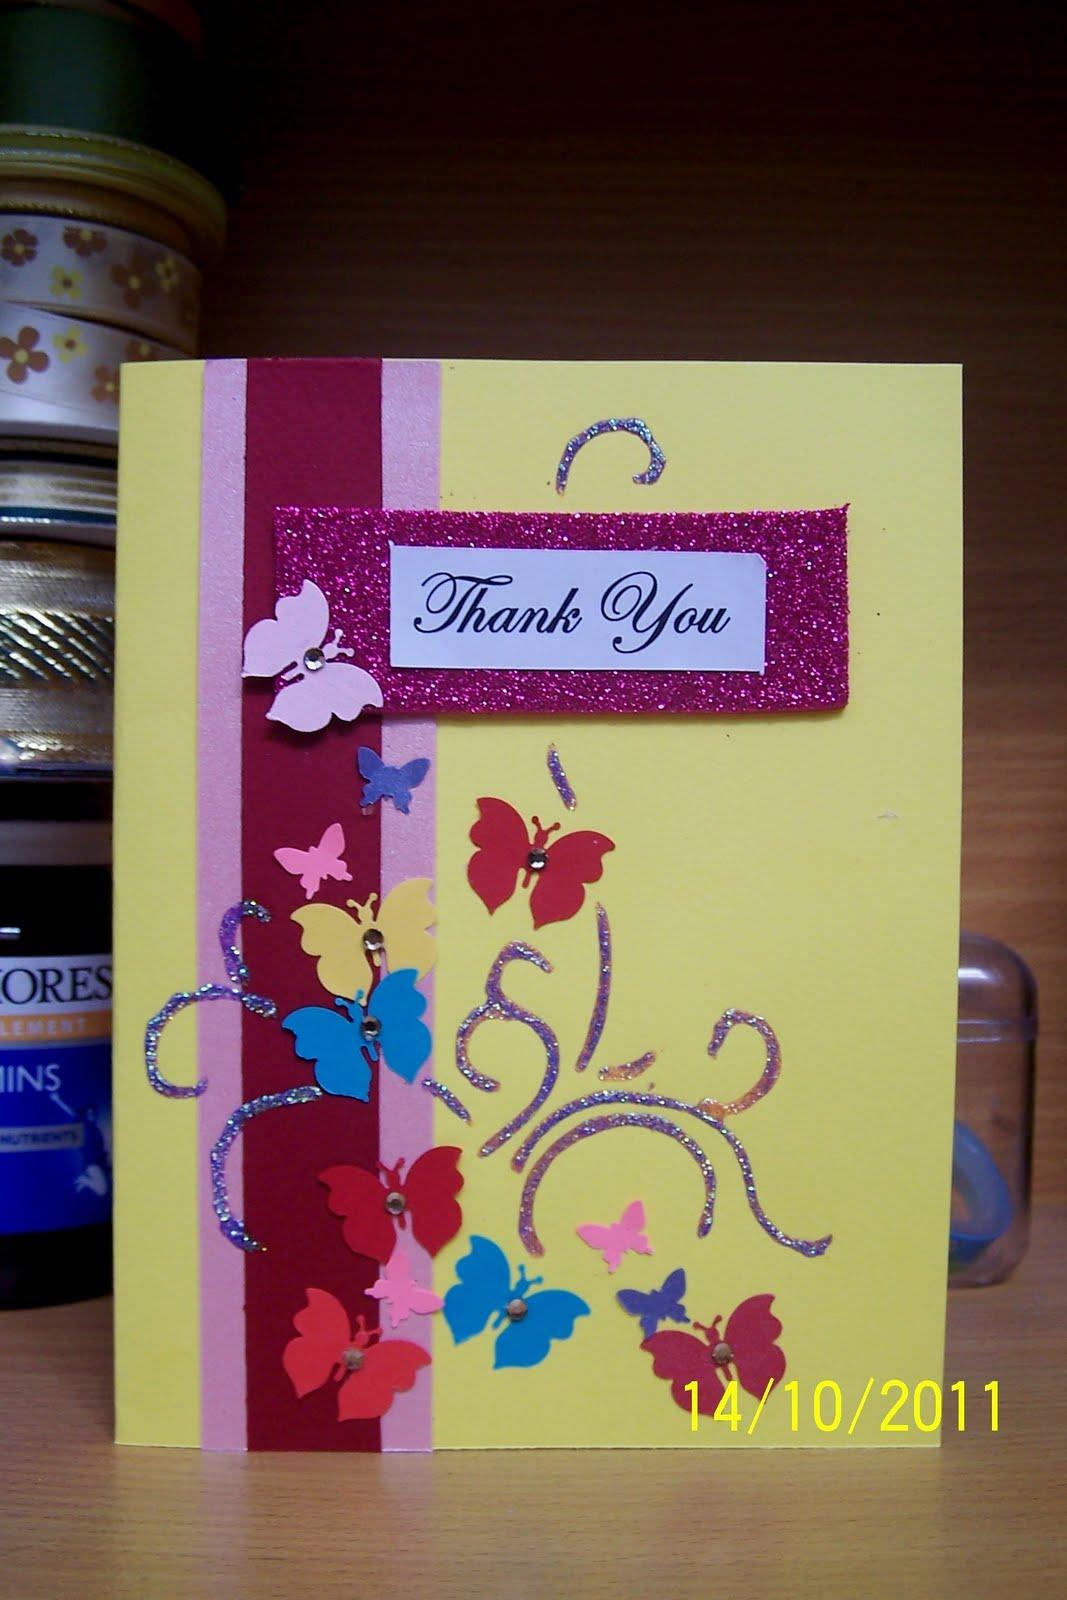 Elaine's Creative Cards: Thank-you cards